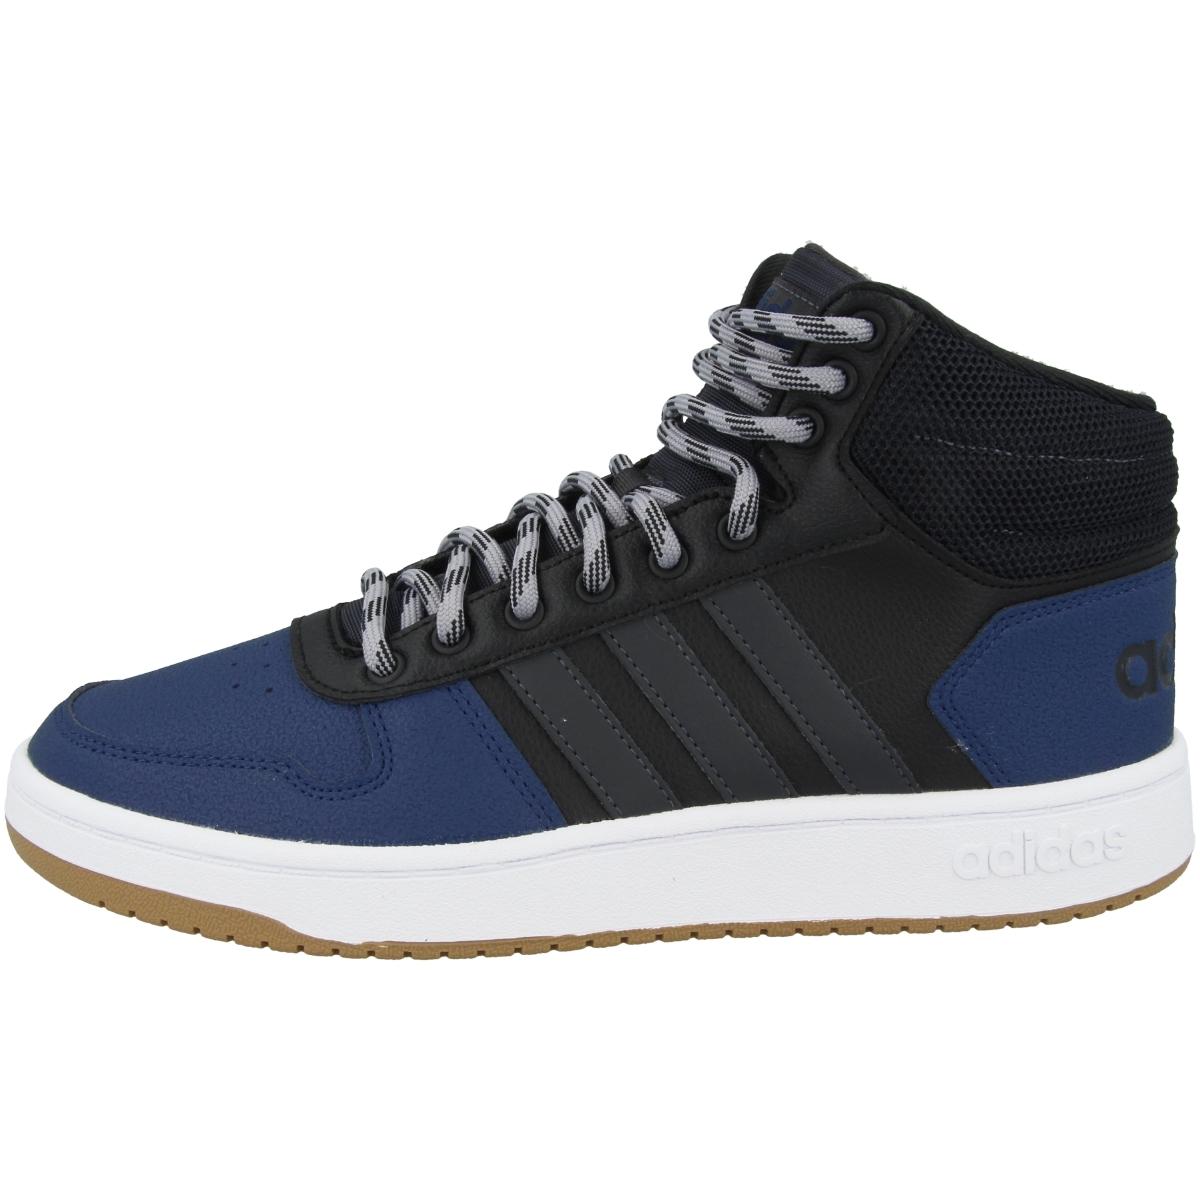 Adidas Neo Hoops 2.0 Mid Gr 42 bis 48 und andere günstige Schuhe/Sportsachen